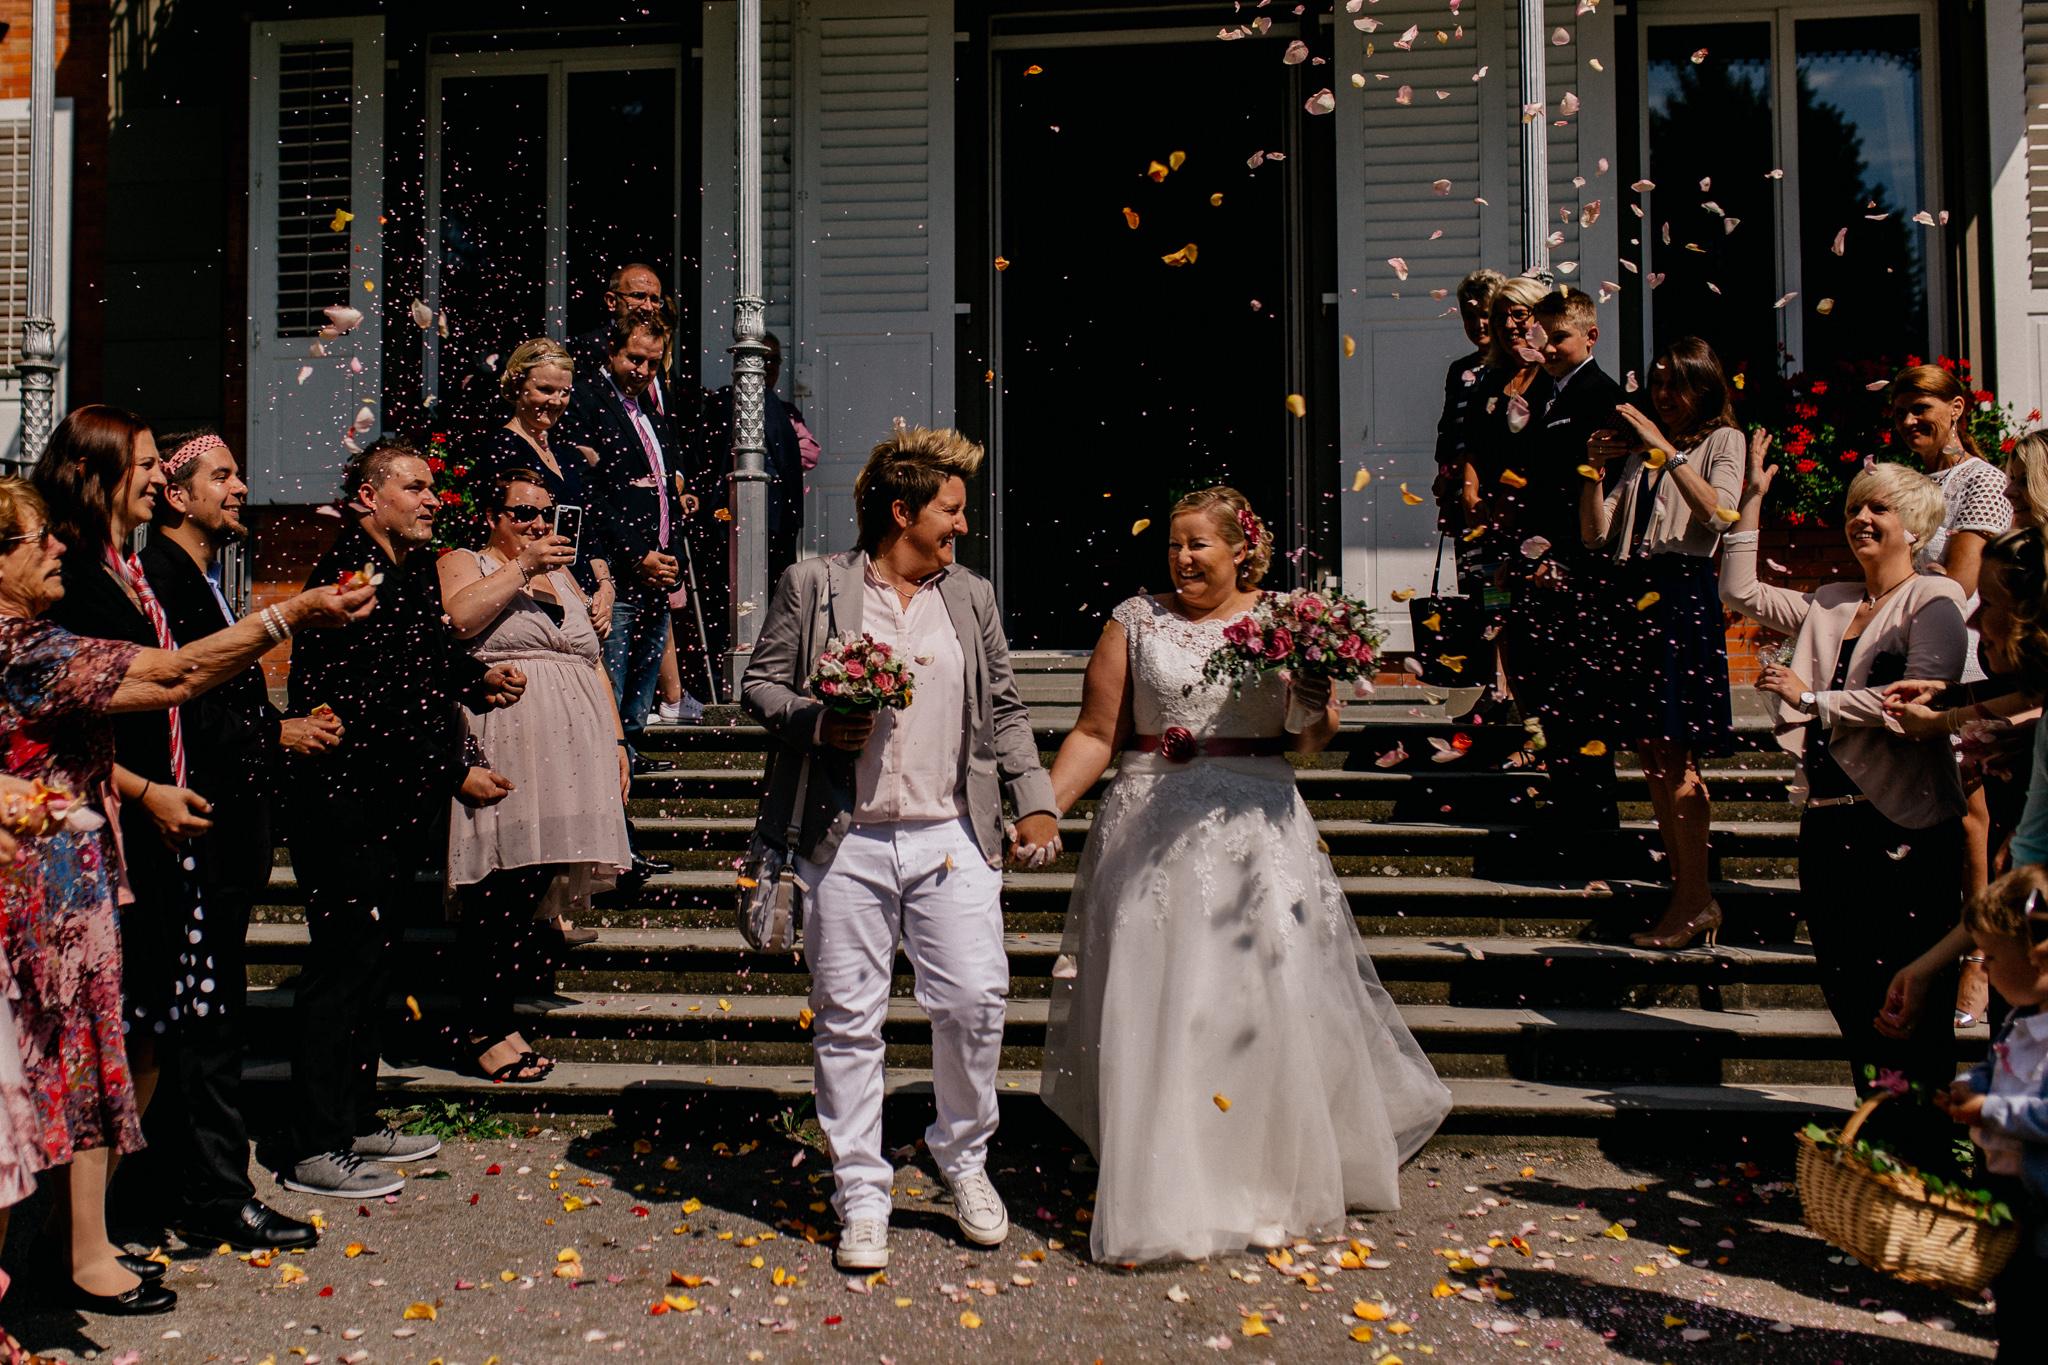 Hochzeitsfotograf Muenchen Lesbische Hochzeit Yp 60 Maria Luise